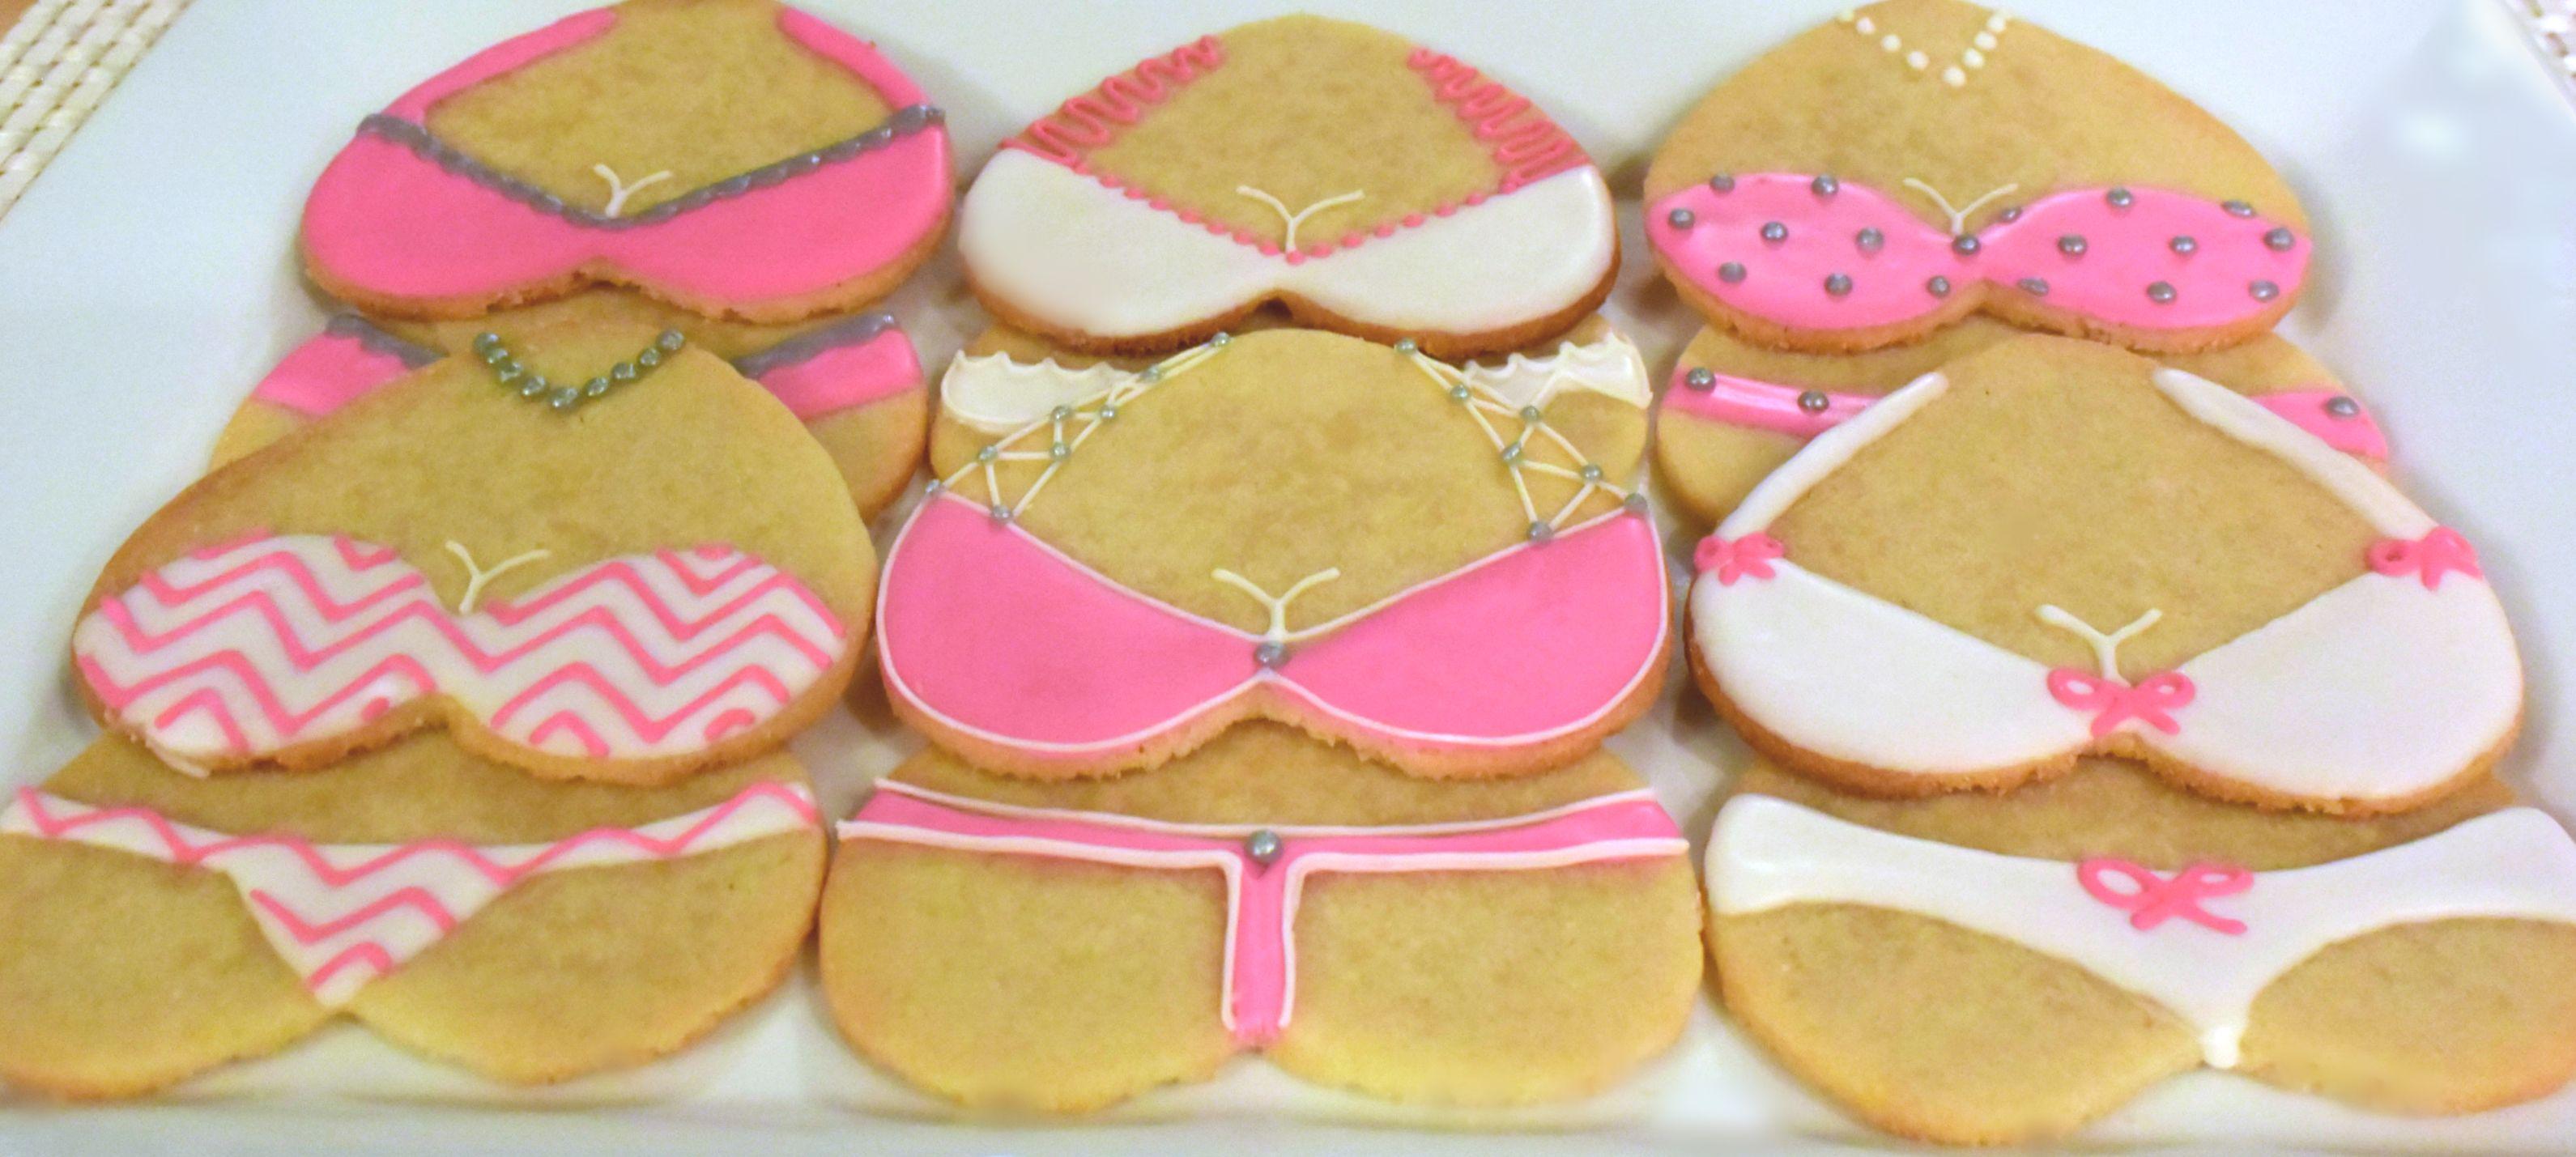 Lingerie Sugar Cookies Sweet17Cookies.Etsy.com | Lingerie Cookies ...